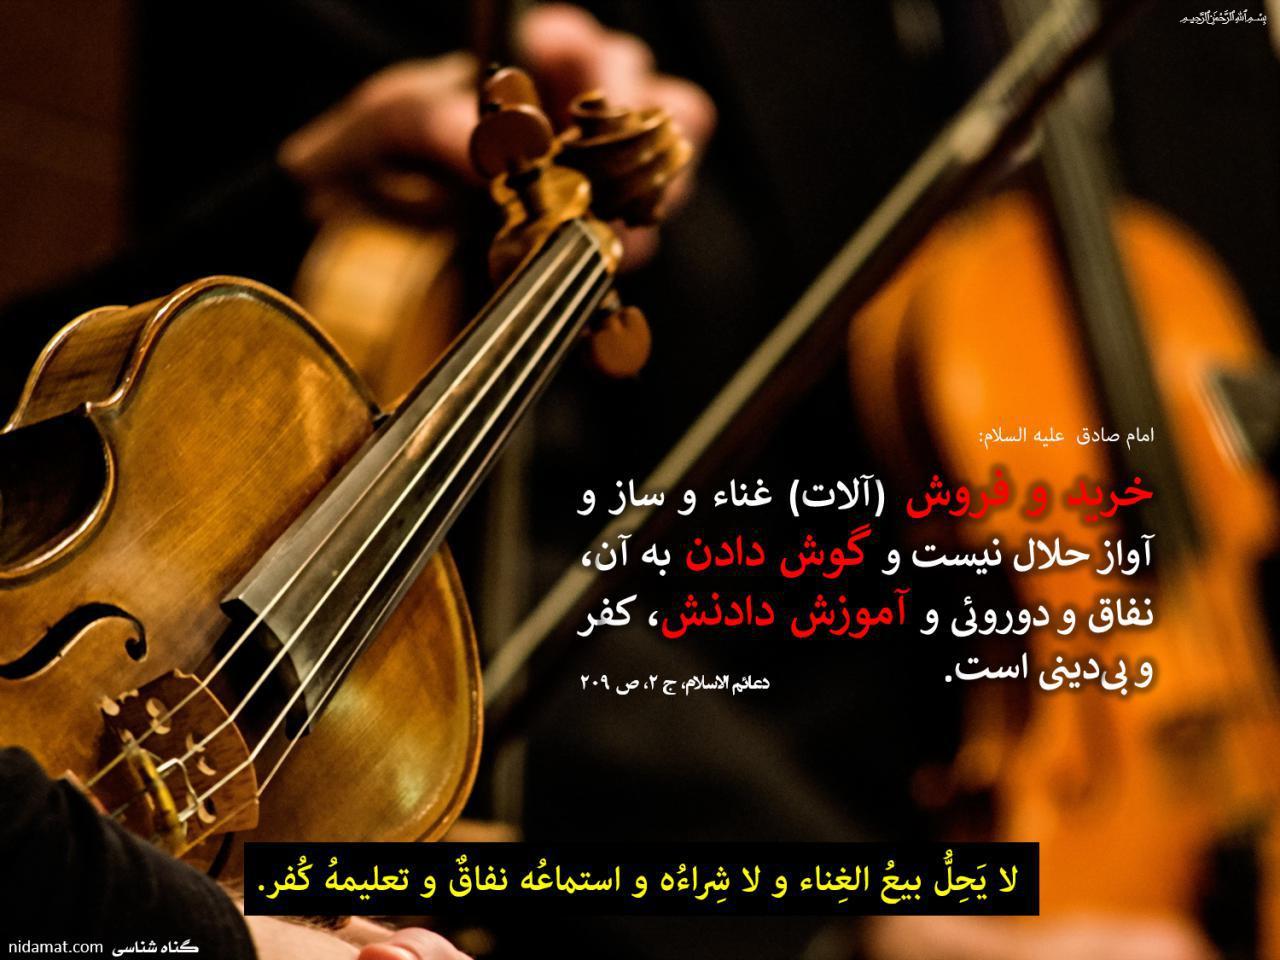 حکم شرعی آموزش و ترویج موسیقی